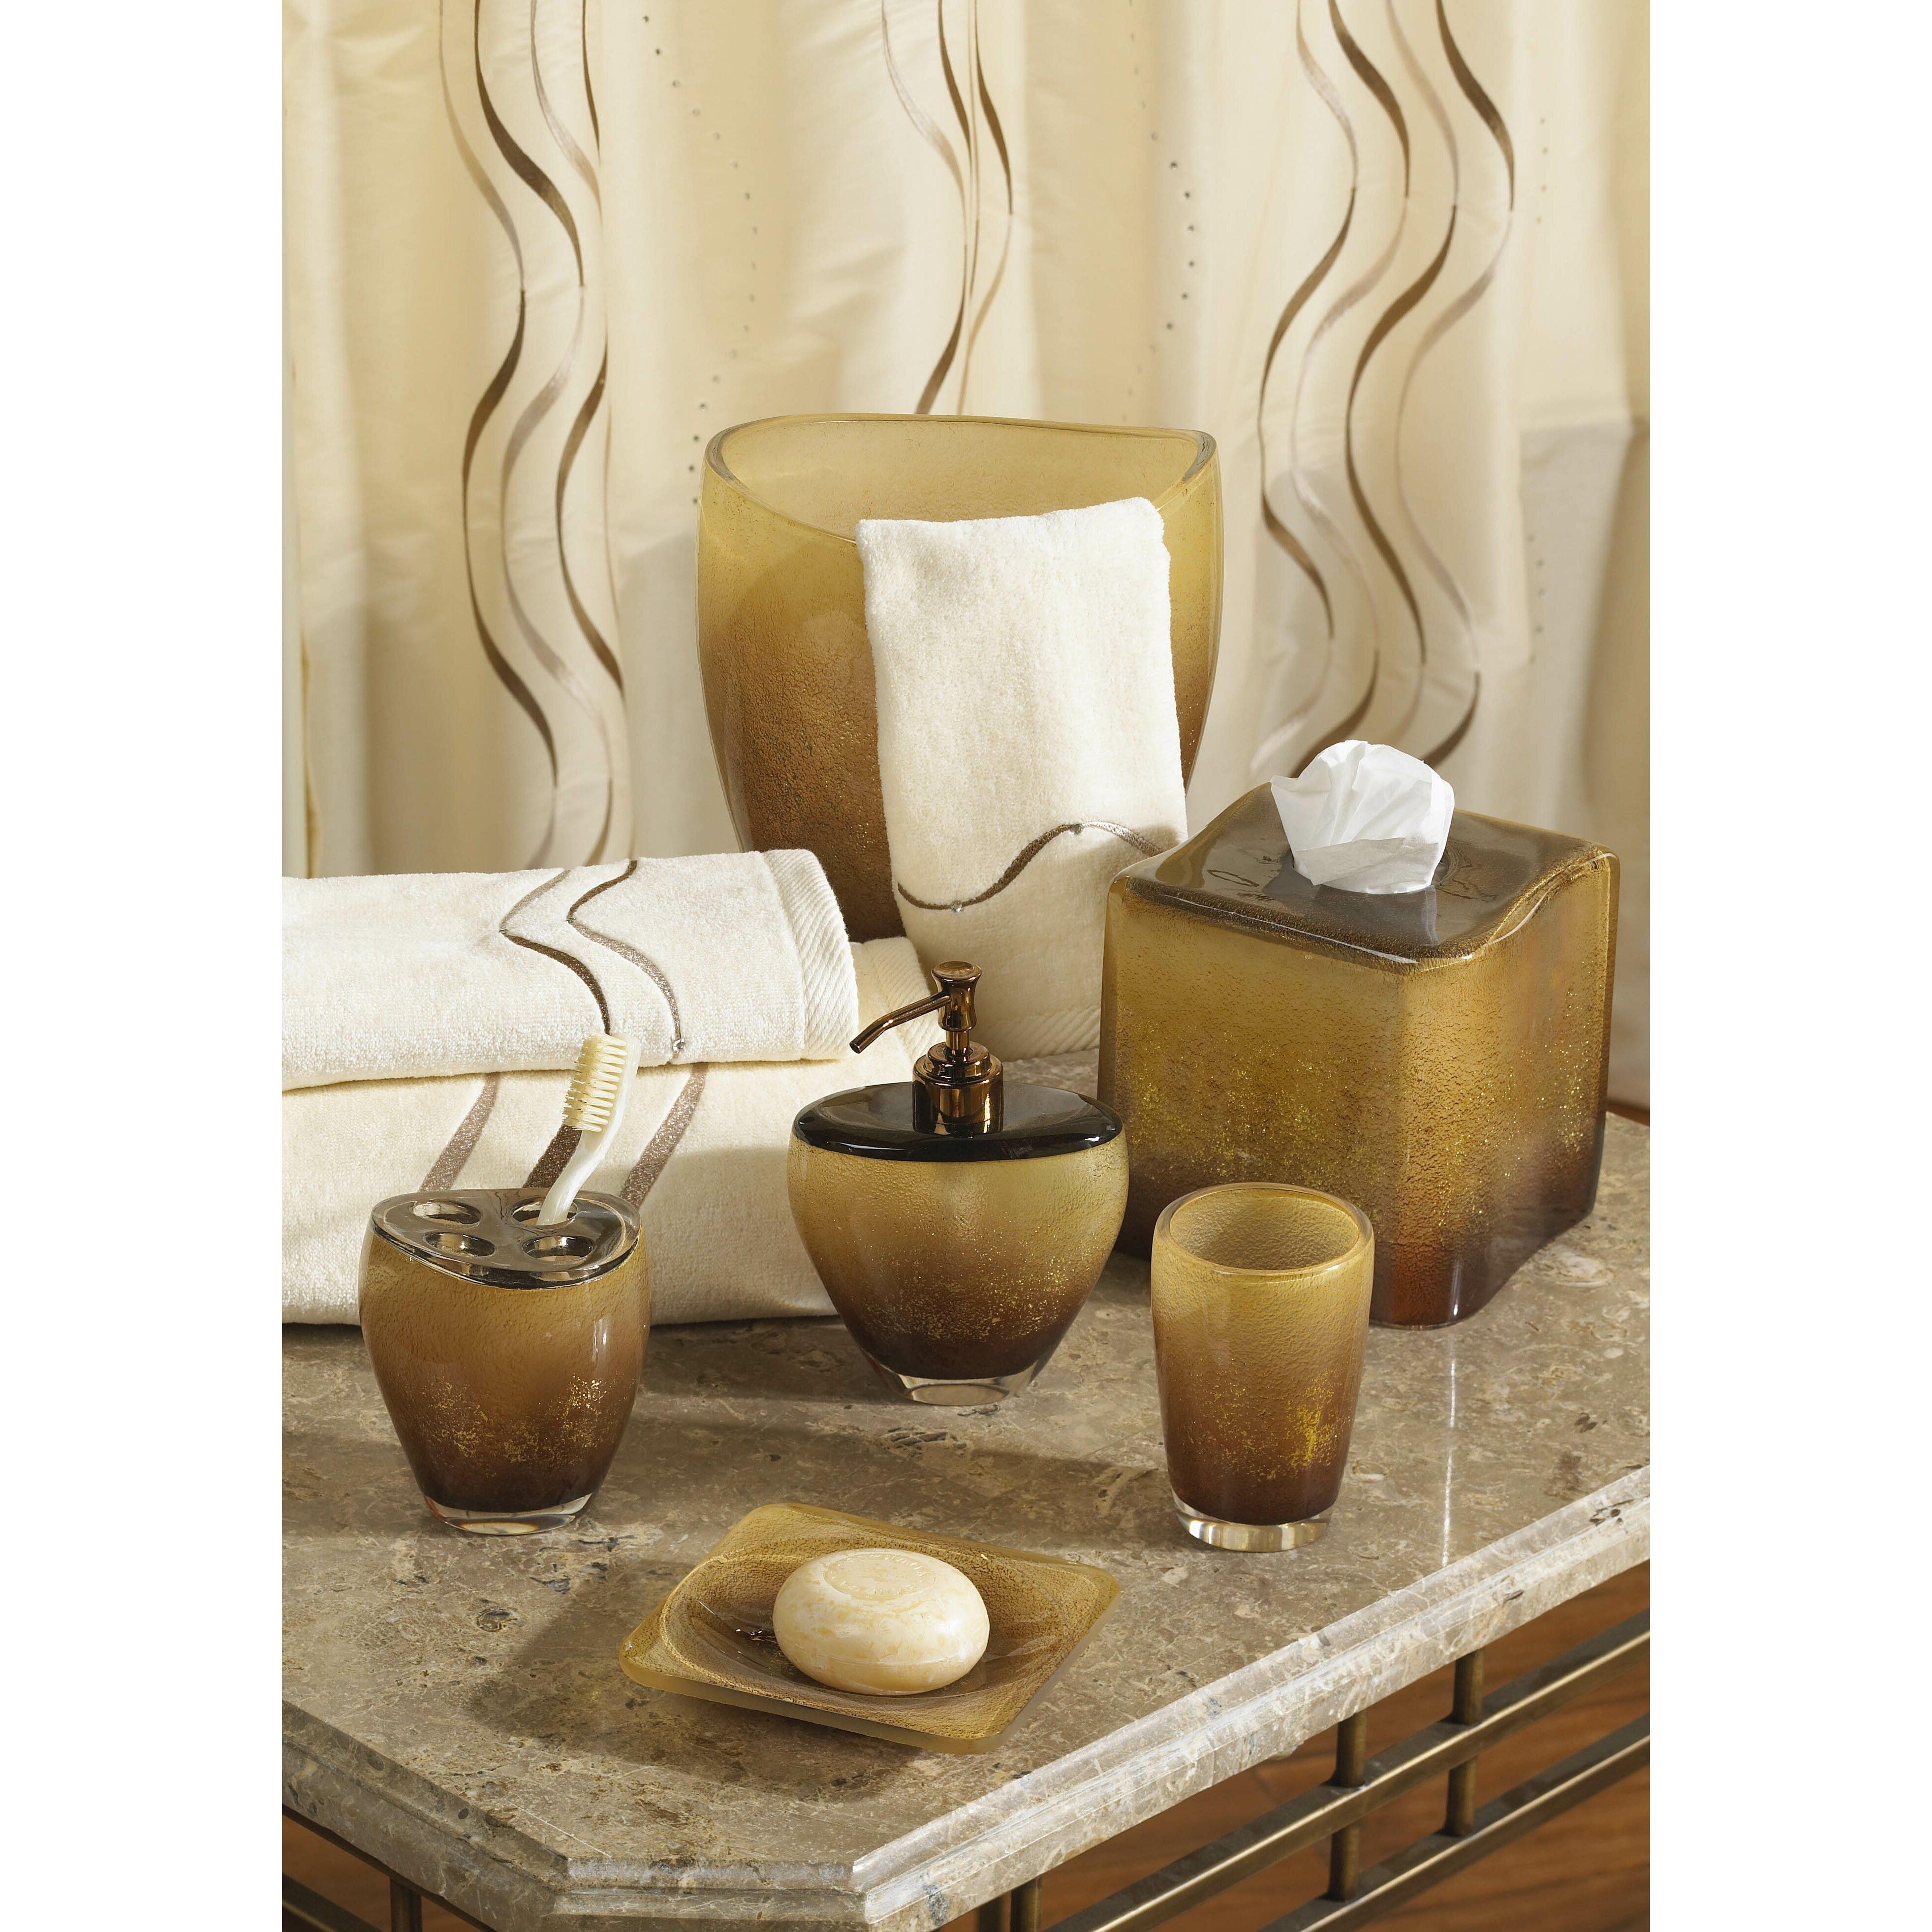 Croscill Kitchen Towels: Croscill Dante Hand Towel & Reviews